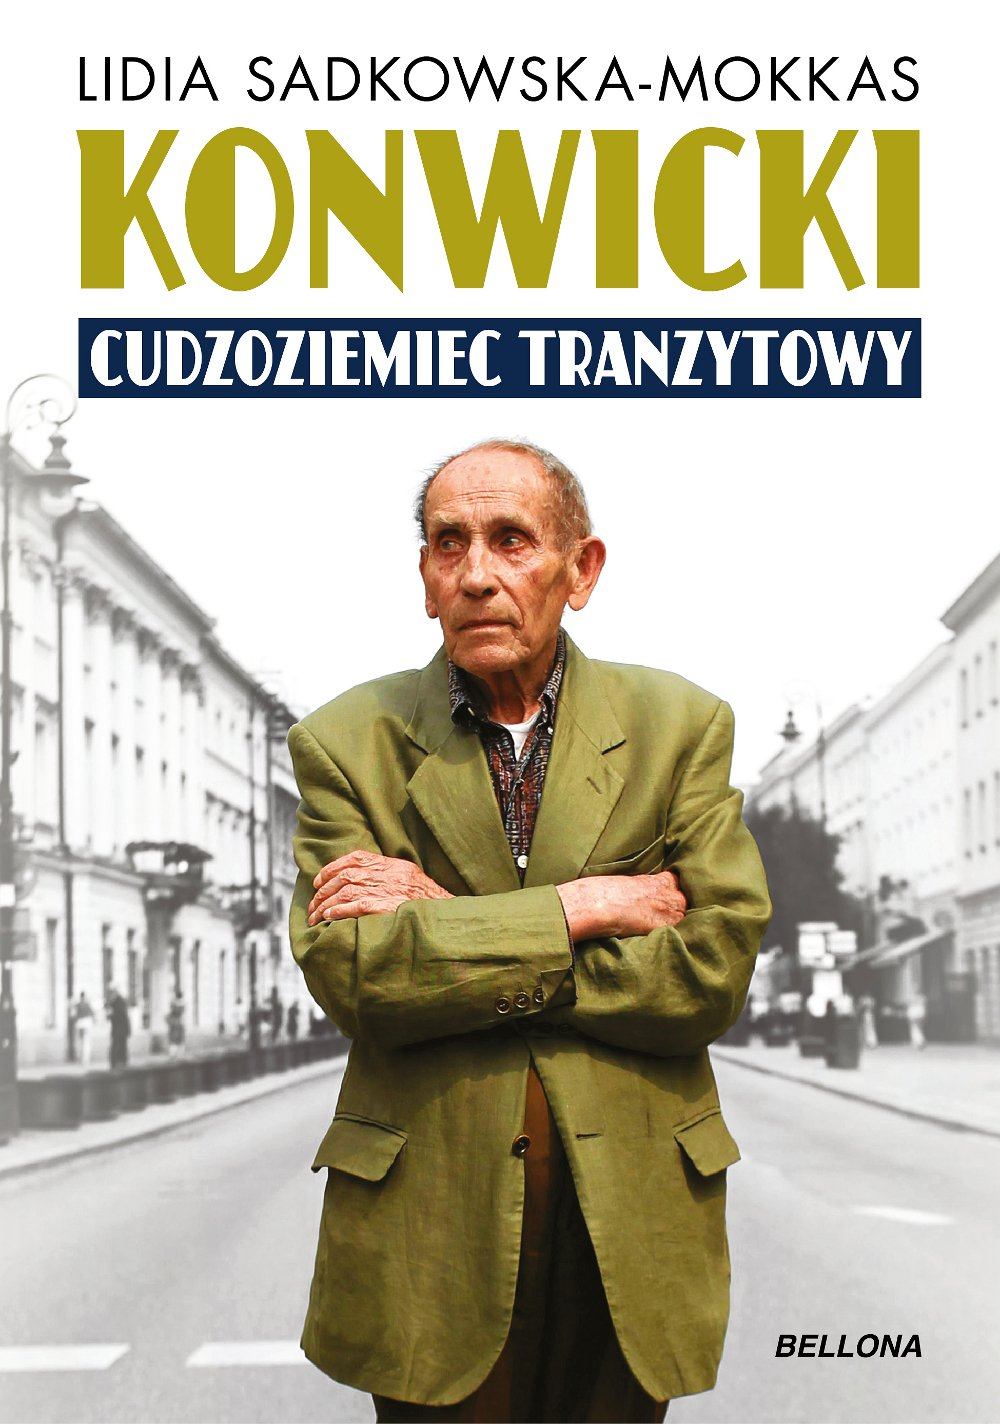 Konwicki - cudzoziemiec tranzytowy - Ebook (Książka EPUB) do pobrania w formacie EPUB